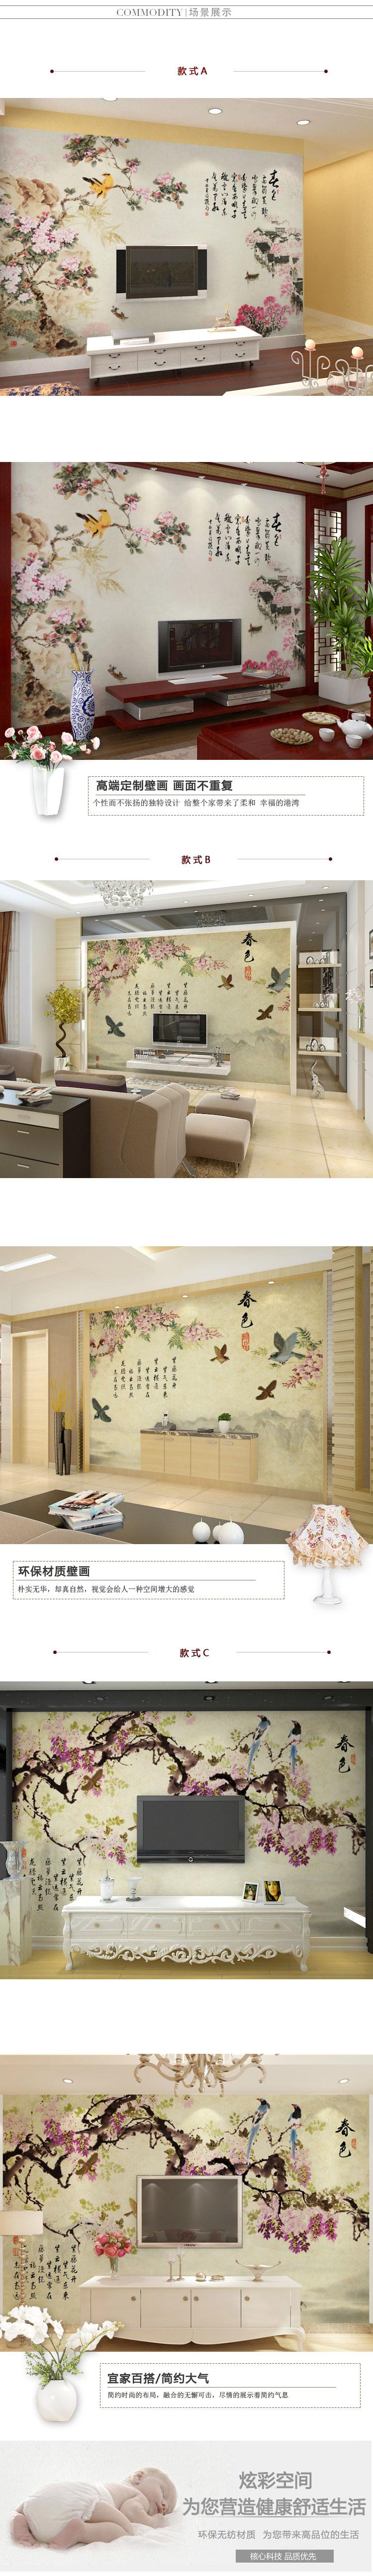 新中式花鸟墙纸贴图